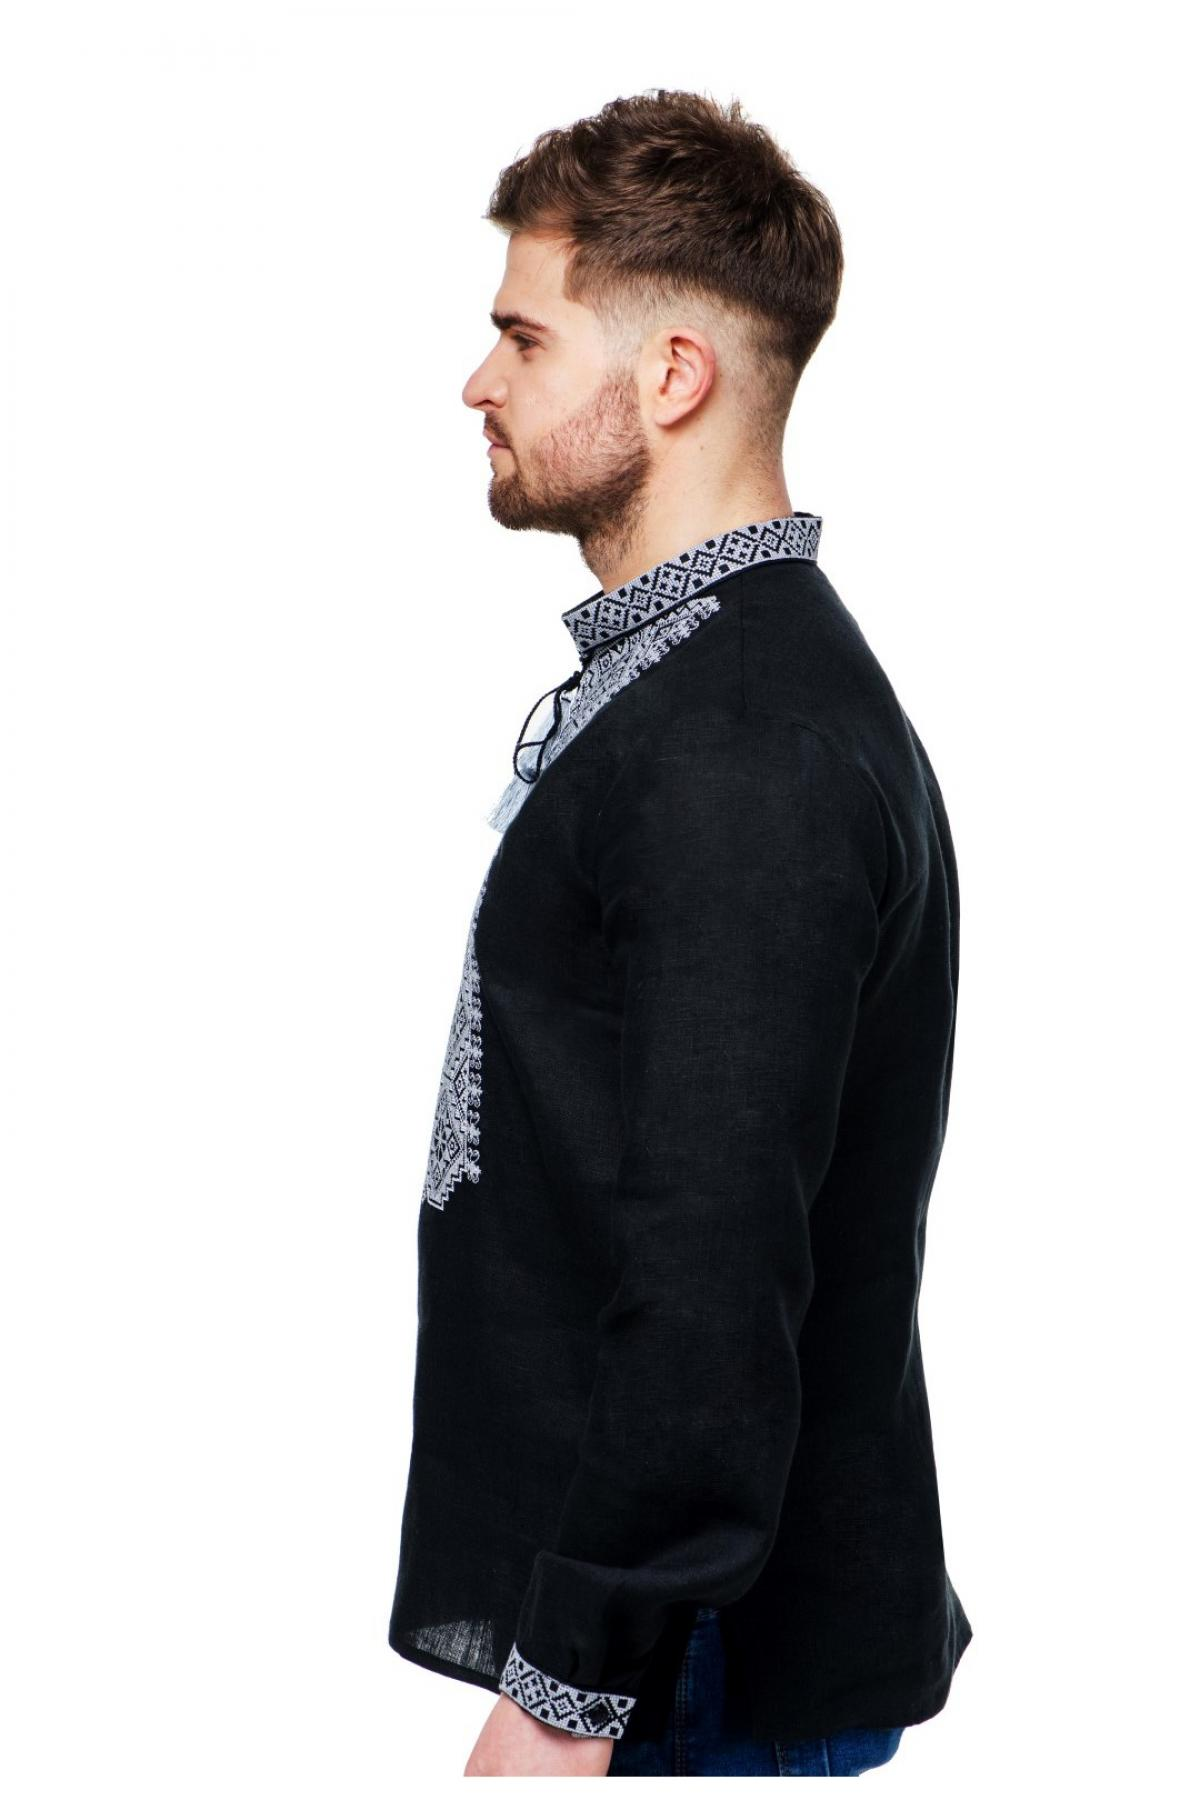 Чорна лляна чоловіча вишиванка з сірою вишивкою на грудях, комірцях та манжетах. Фото №3. | Народний дім Україна